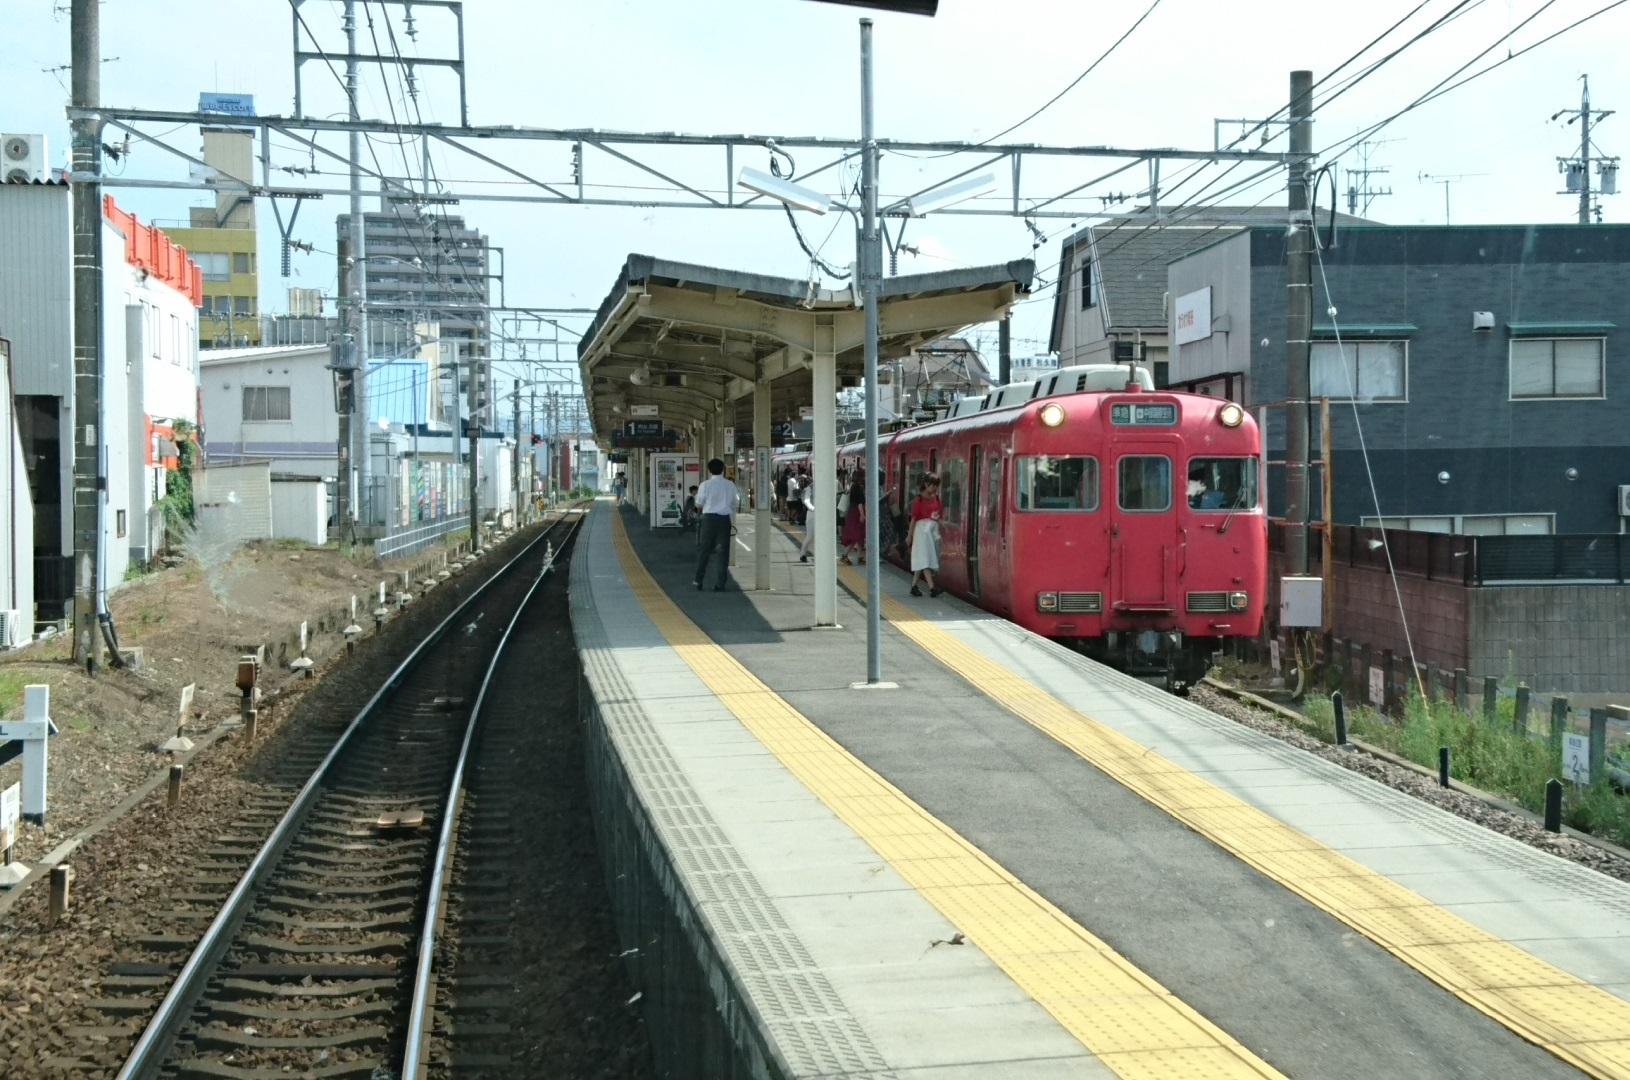 2017.7.19 布袋 (42) 犬山いき準急 - 江南 1630-1080